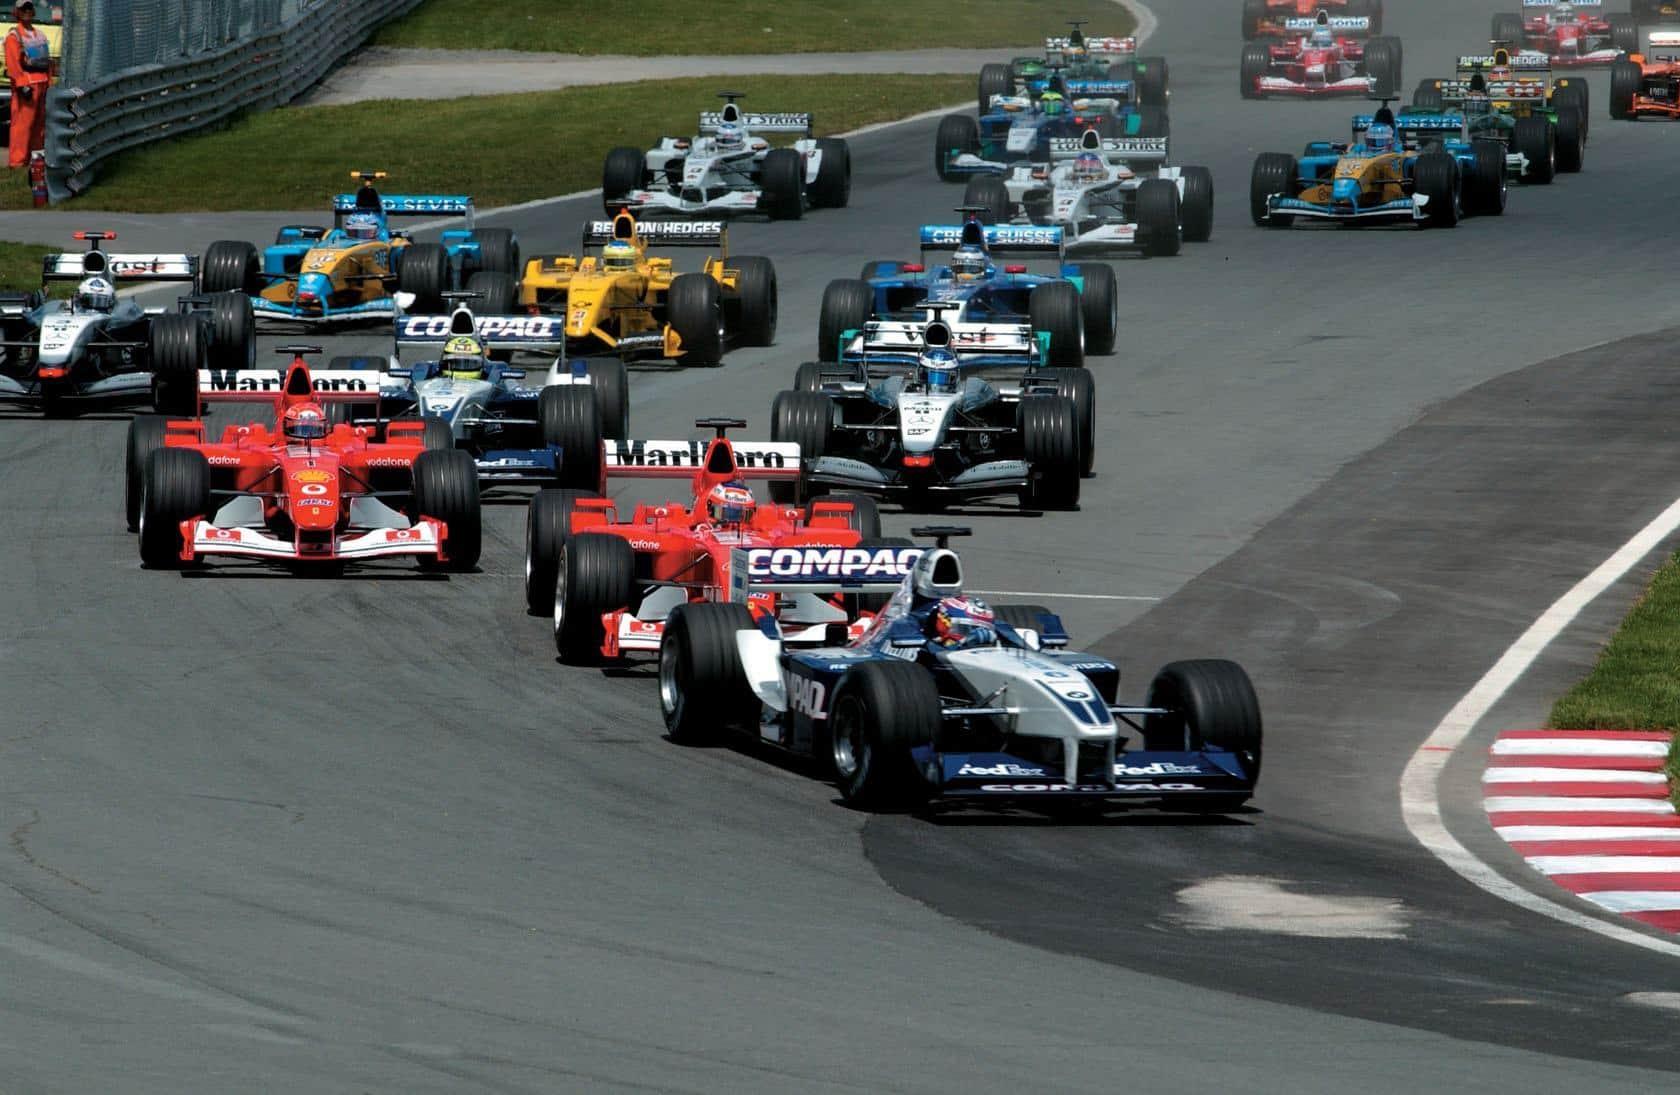 Canadian gP F1 2002 start Foto BMW